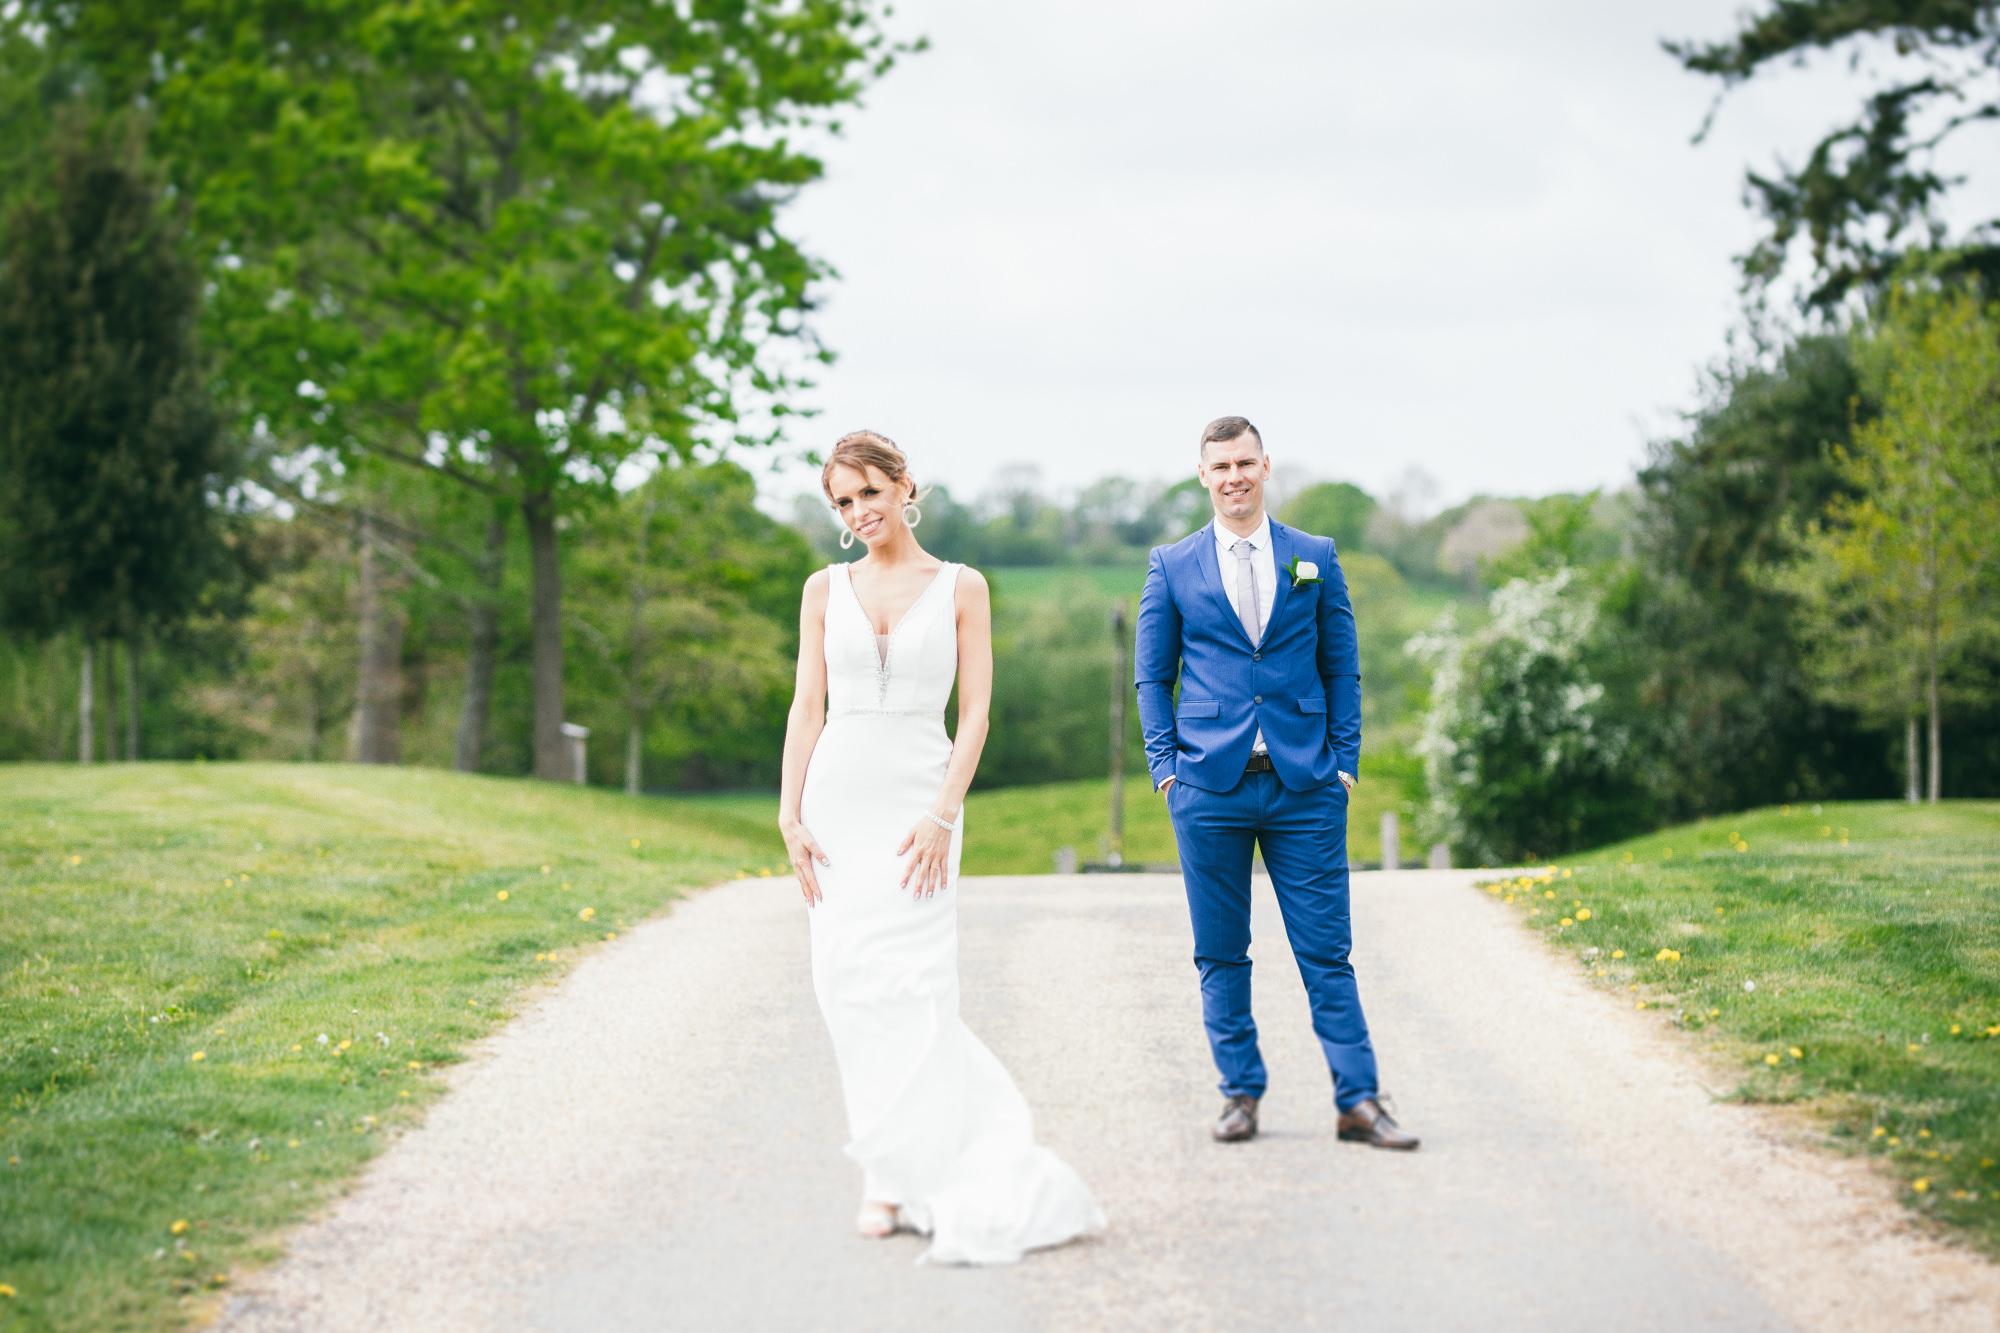 Bride and Groom Vilcinskaite Photo Sussex Weddings